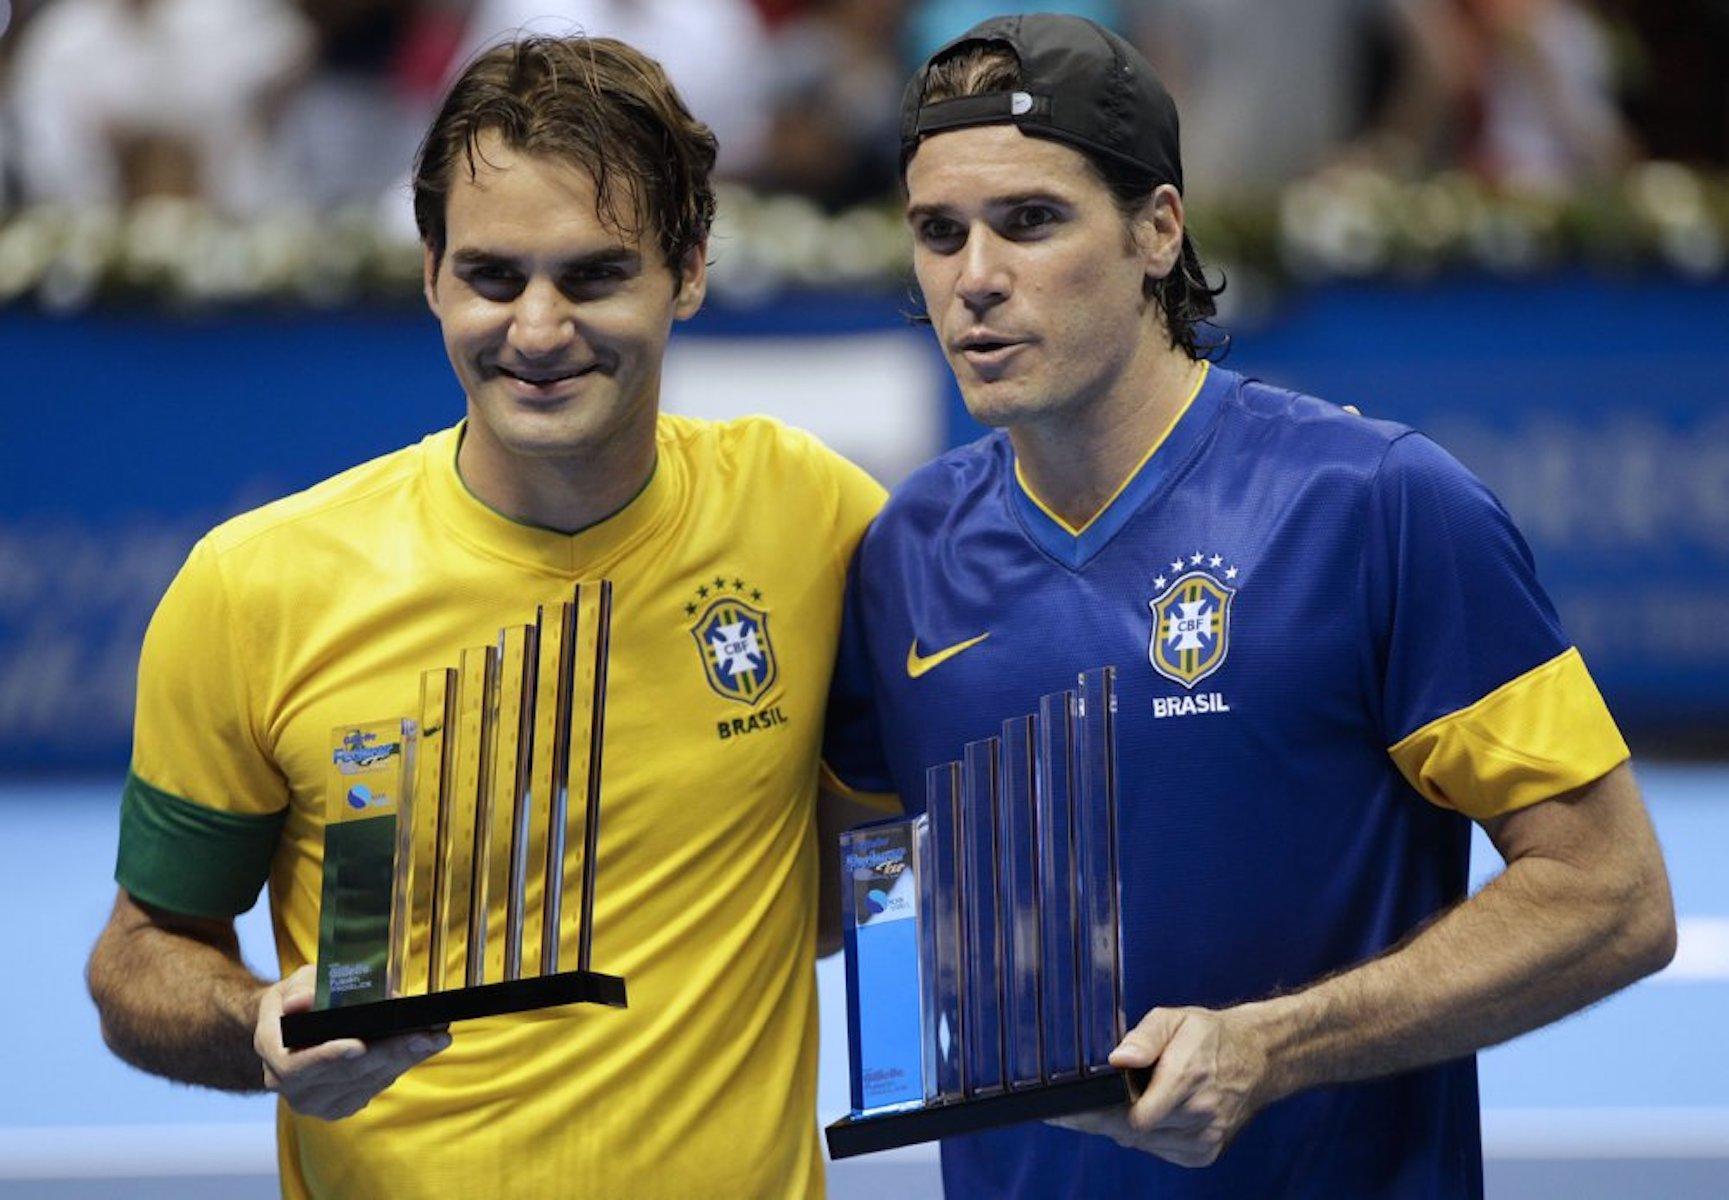 Zverev Federer